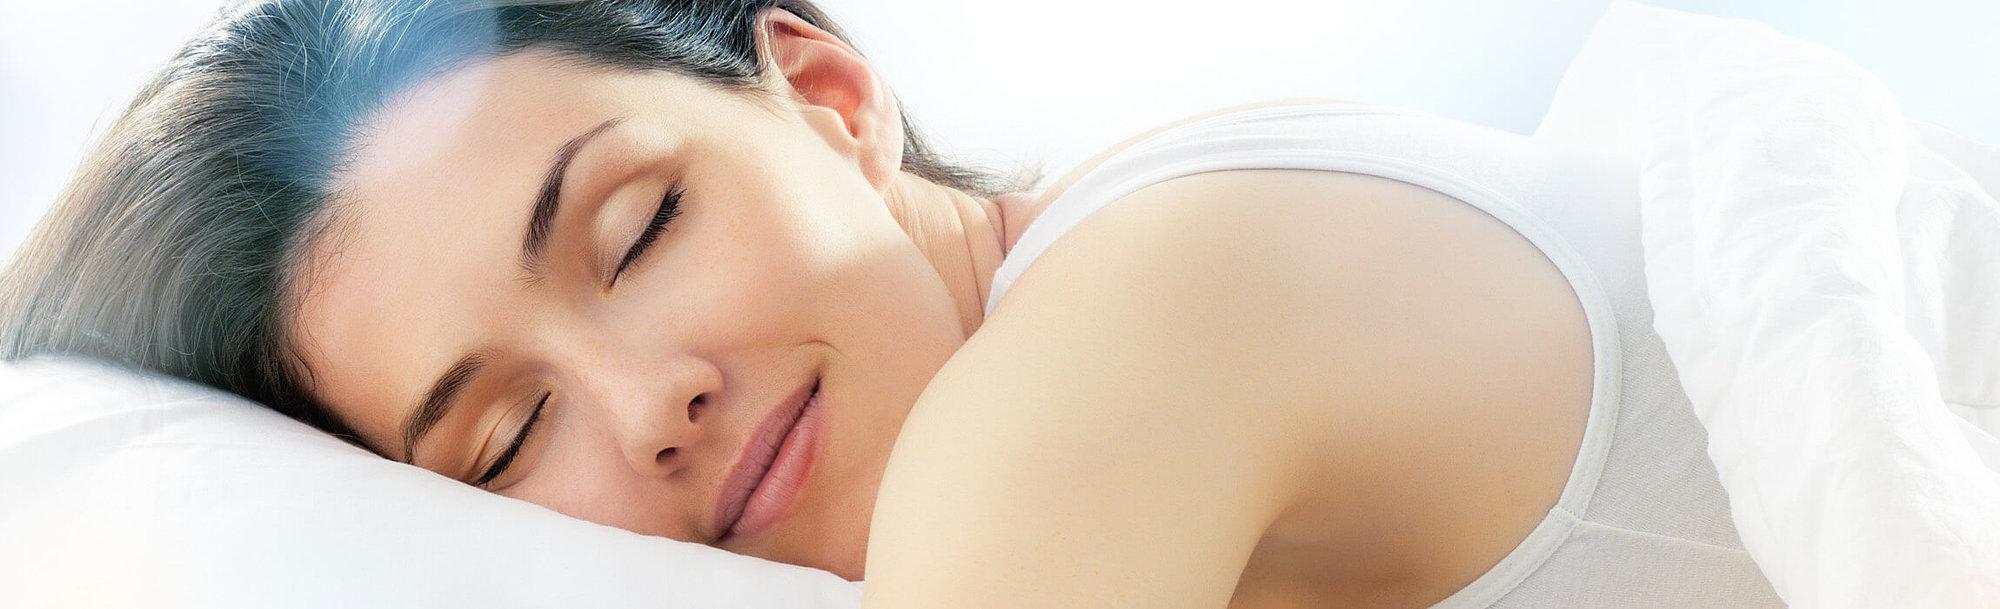 Kissenmenü - Schlafen wie auf Wolke sieben